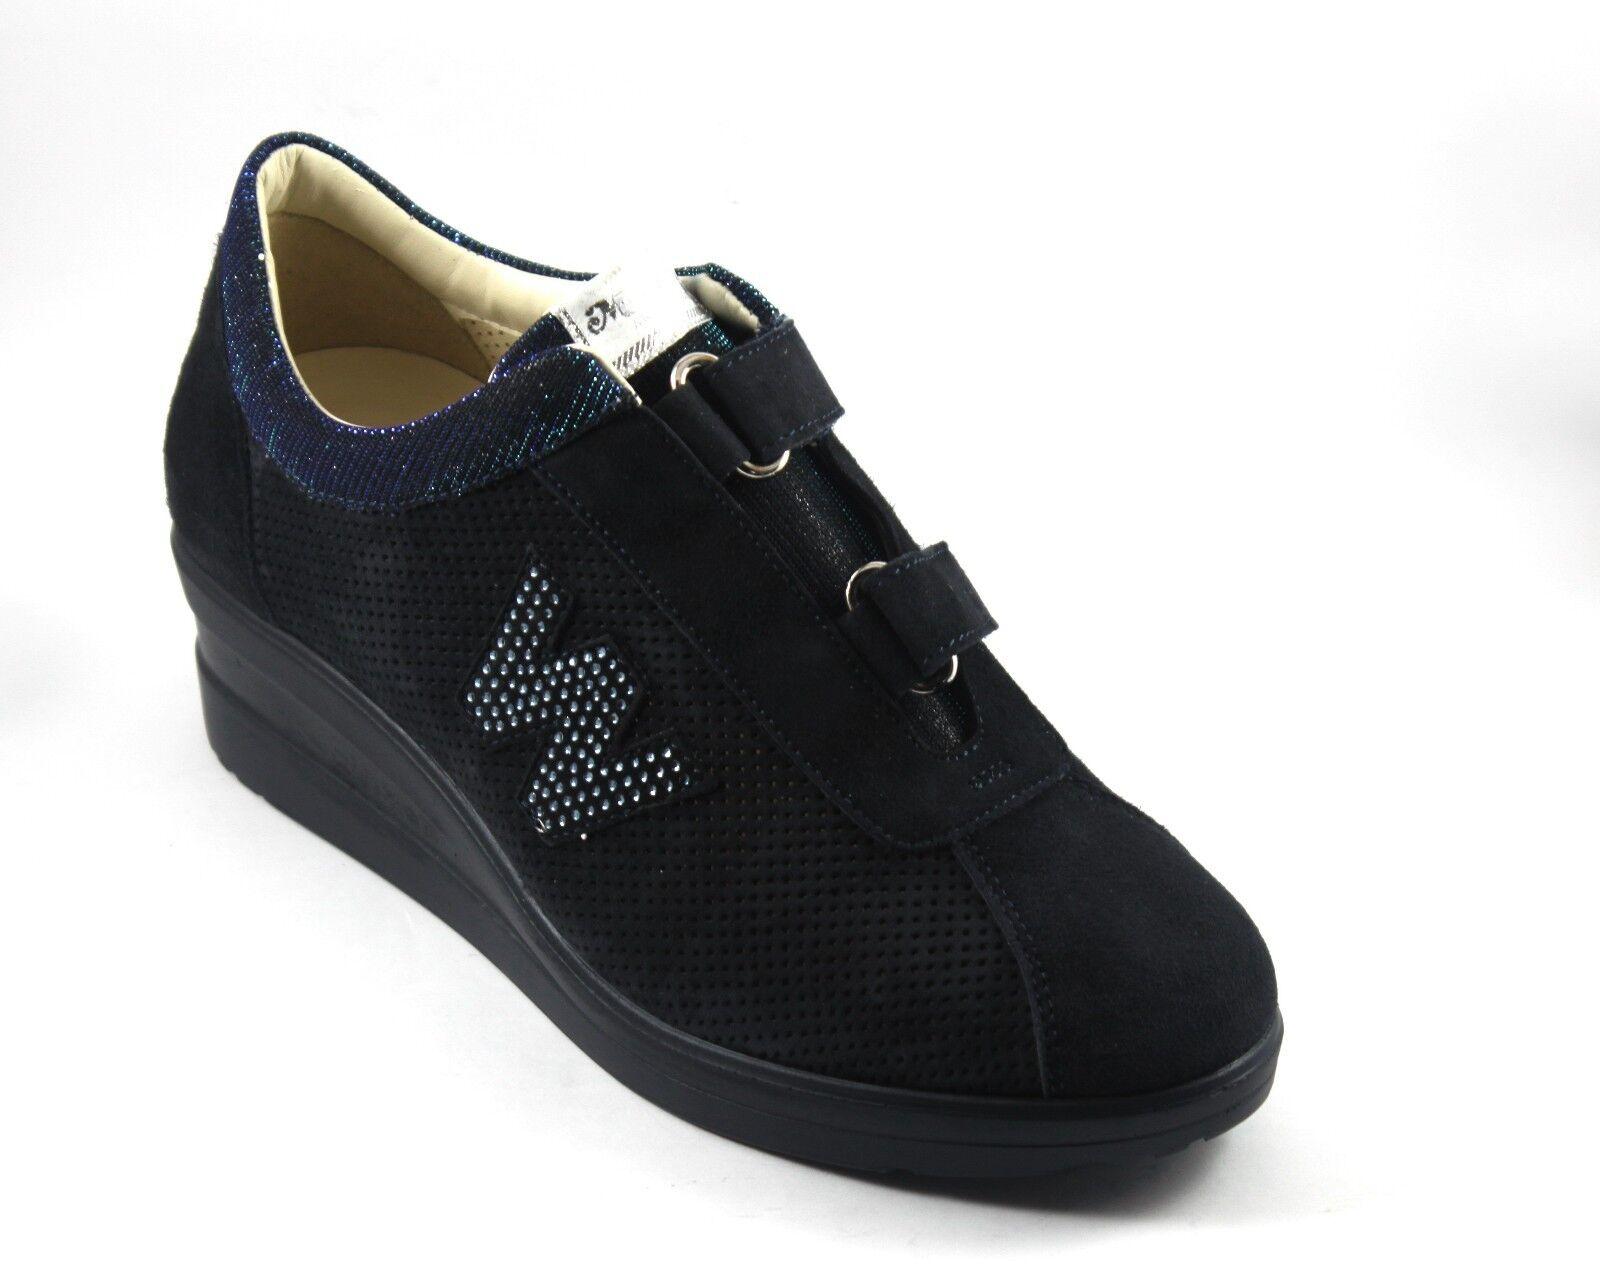 MELLUSO TENNIS mujer zapatillas PELLE NABUK azul A STRAPPO PLANTARE ESTRAIBILE n.41